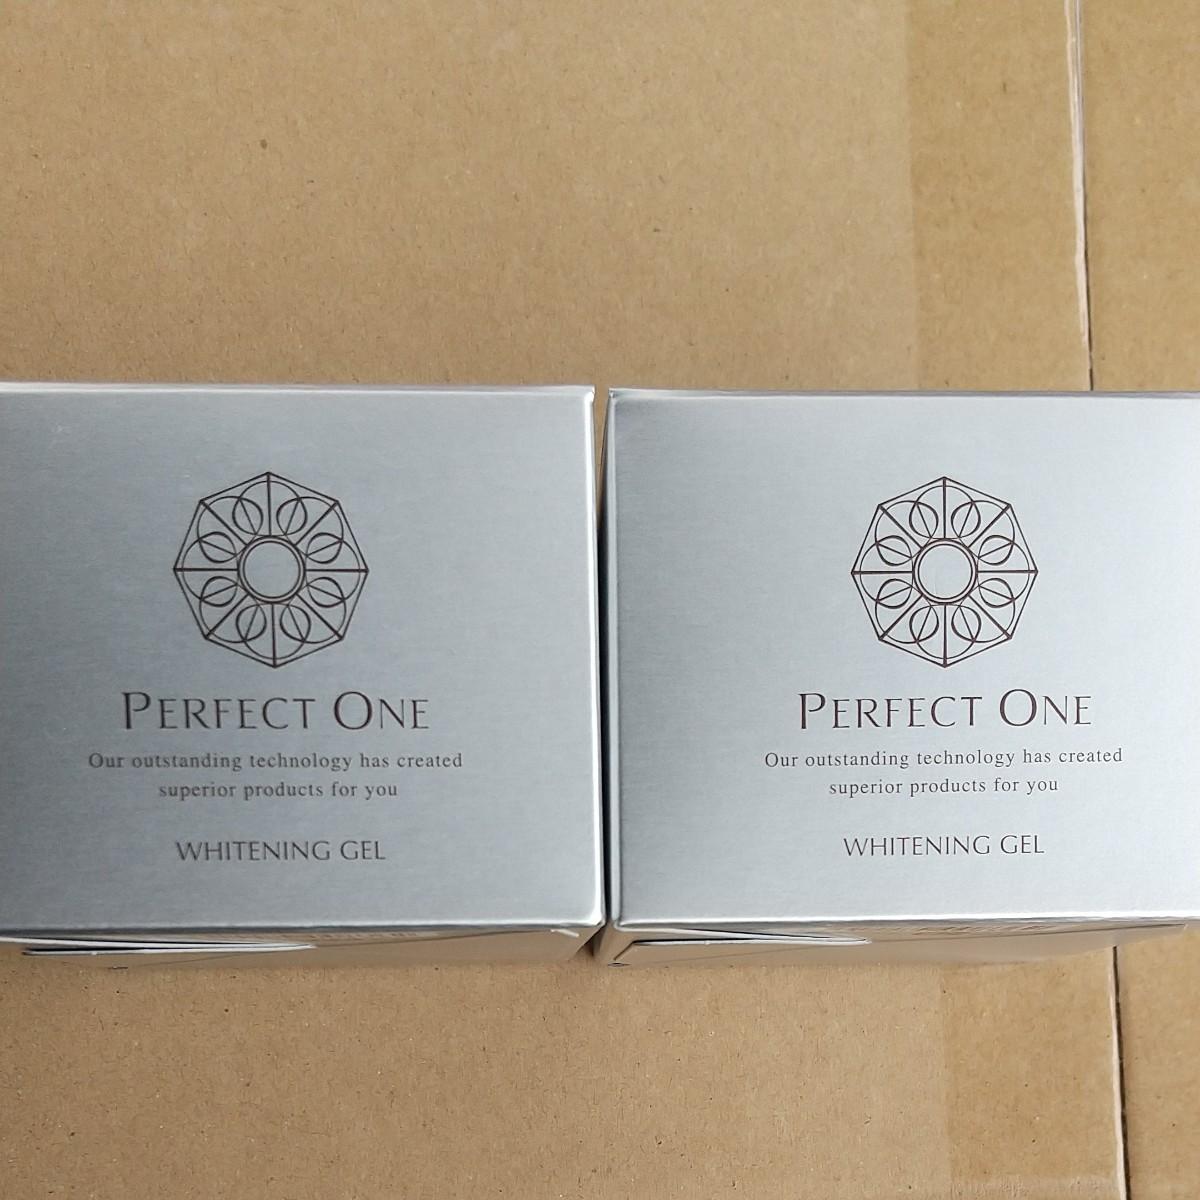 パーフェクトワン 薬用ホワイトニングジェル 新日本製薬 2個セット